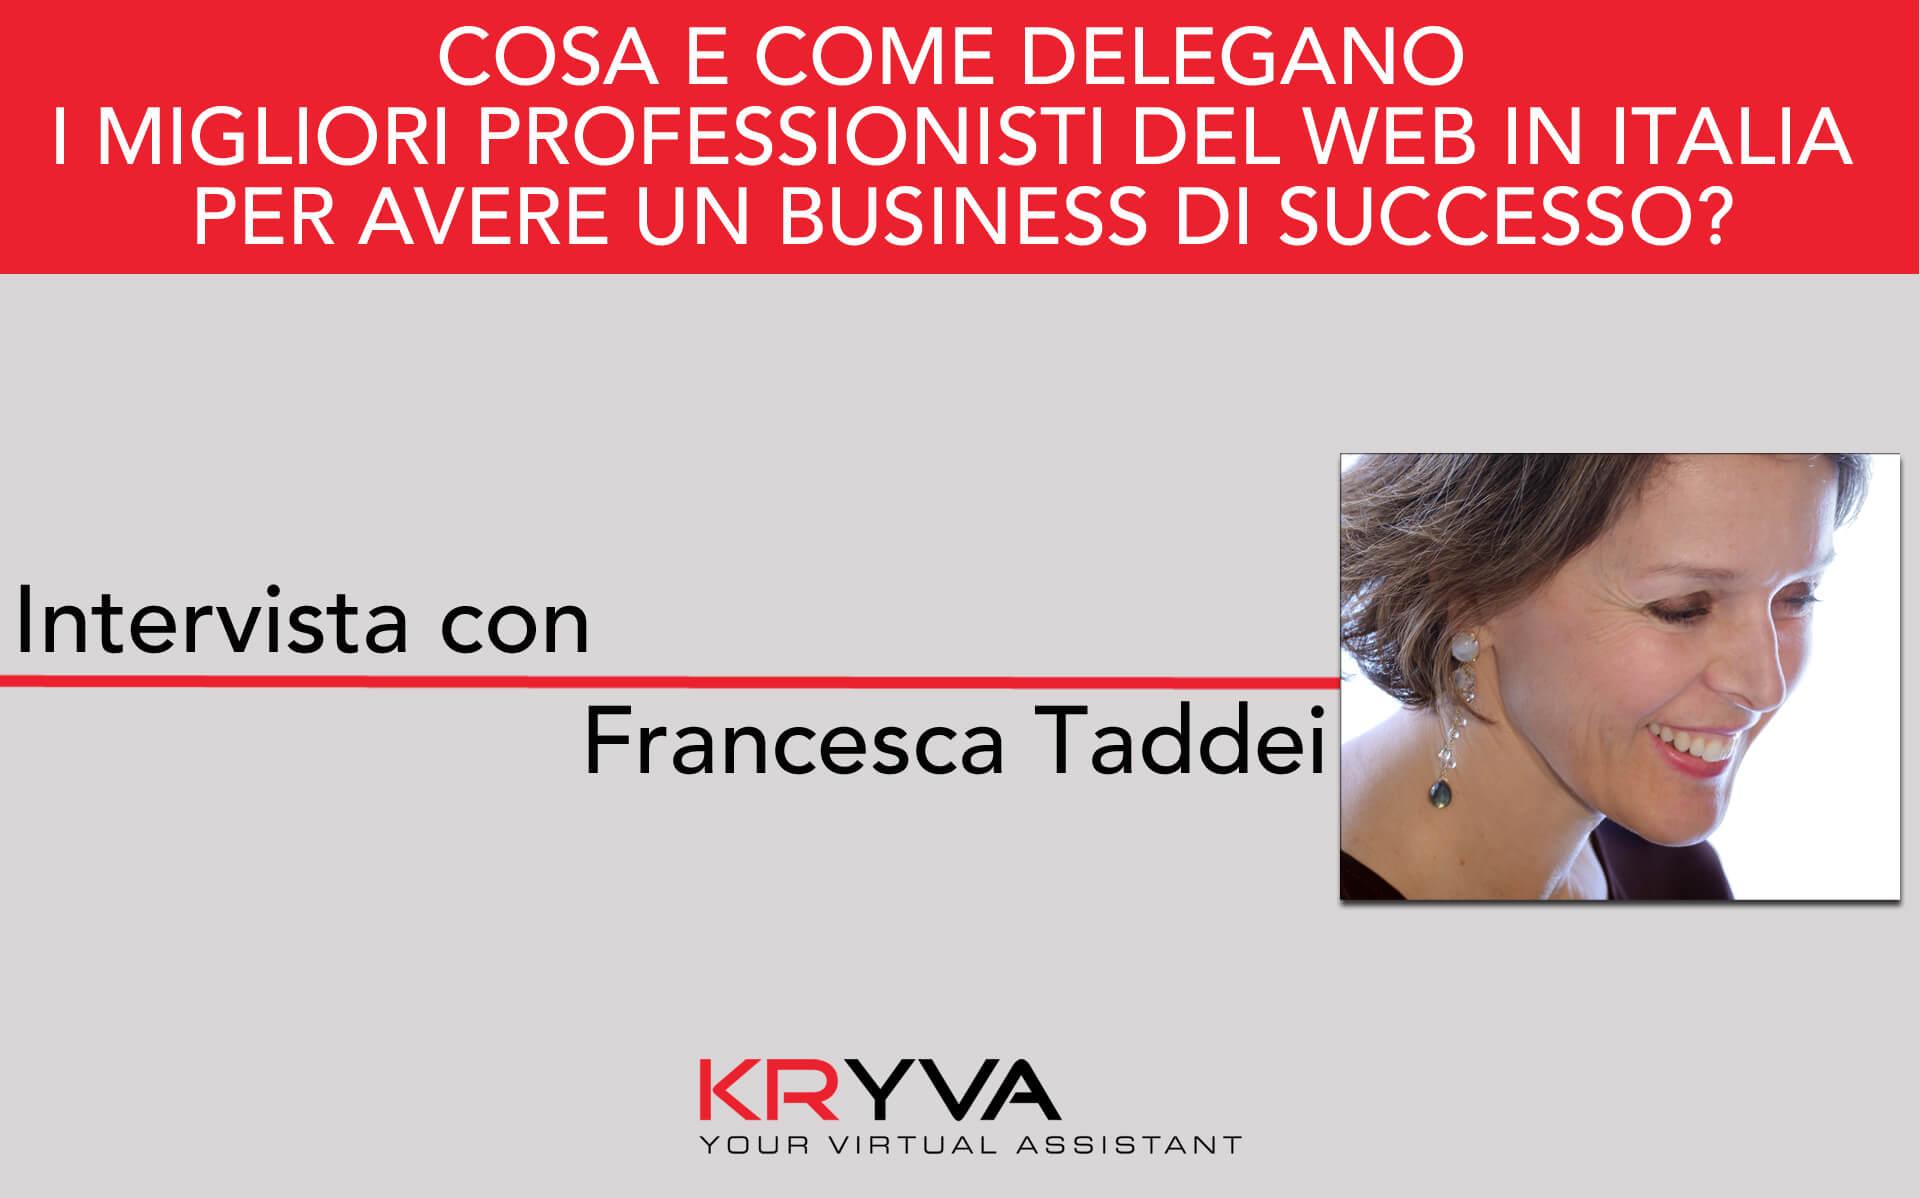 Strategia e competenza, i vantaggi della delega | Intervista con Francesca Taddei